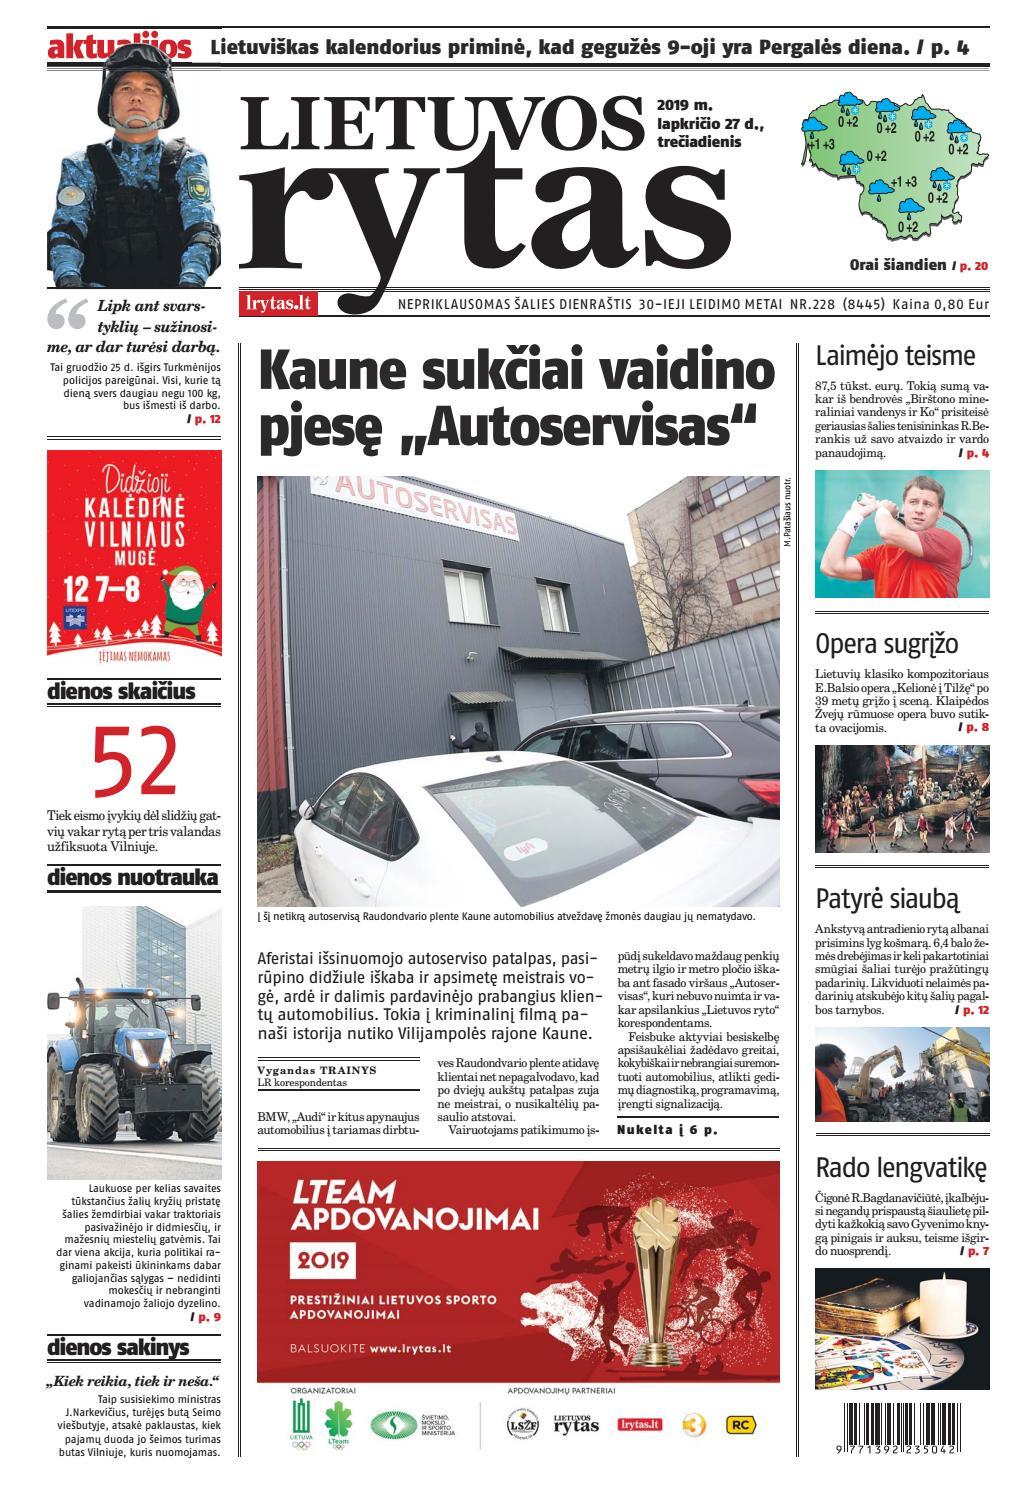 Akcijų pasirinkimo sandoris. Opcionai Lietuvoje: praktika ar tik teorija?